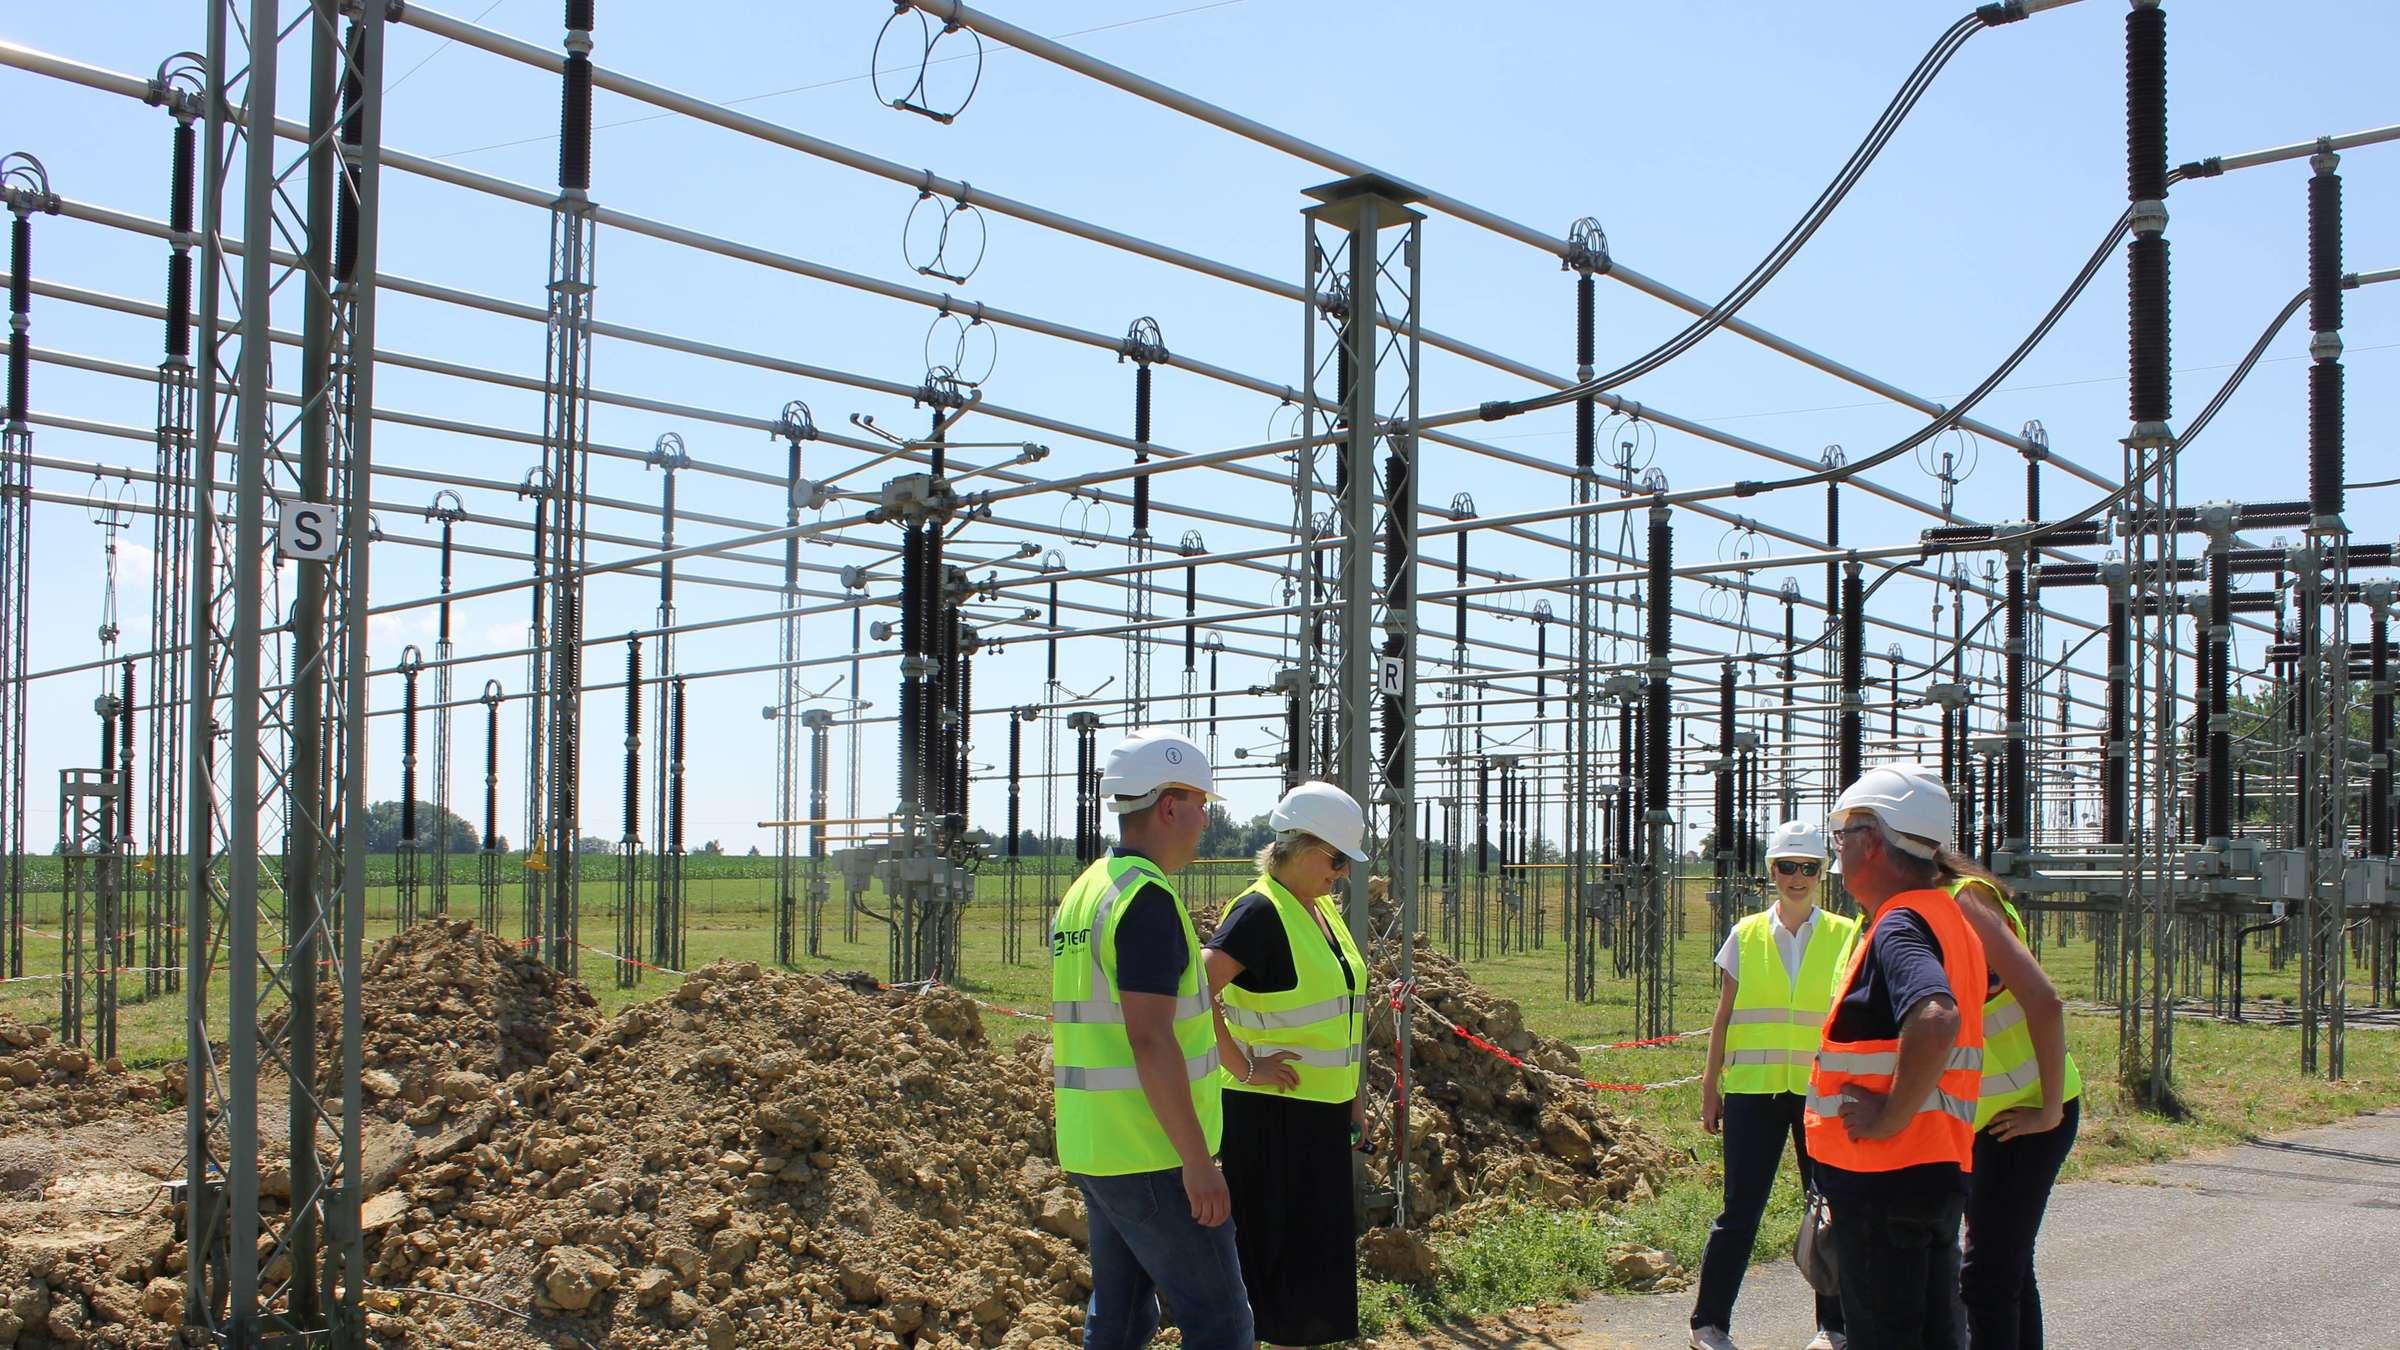 Almanya enerji politikasını ABD'den bağımsız belirleyecek